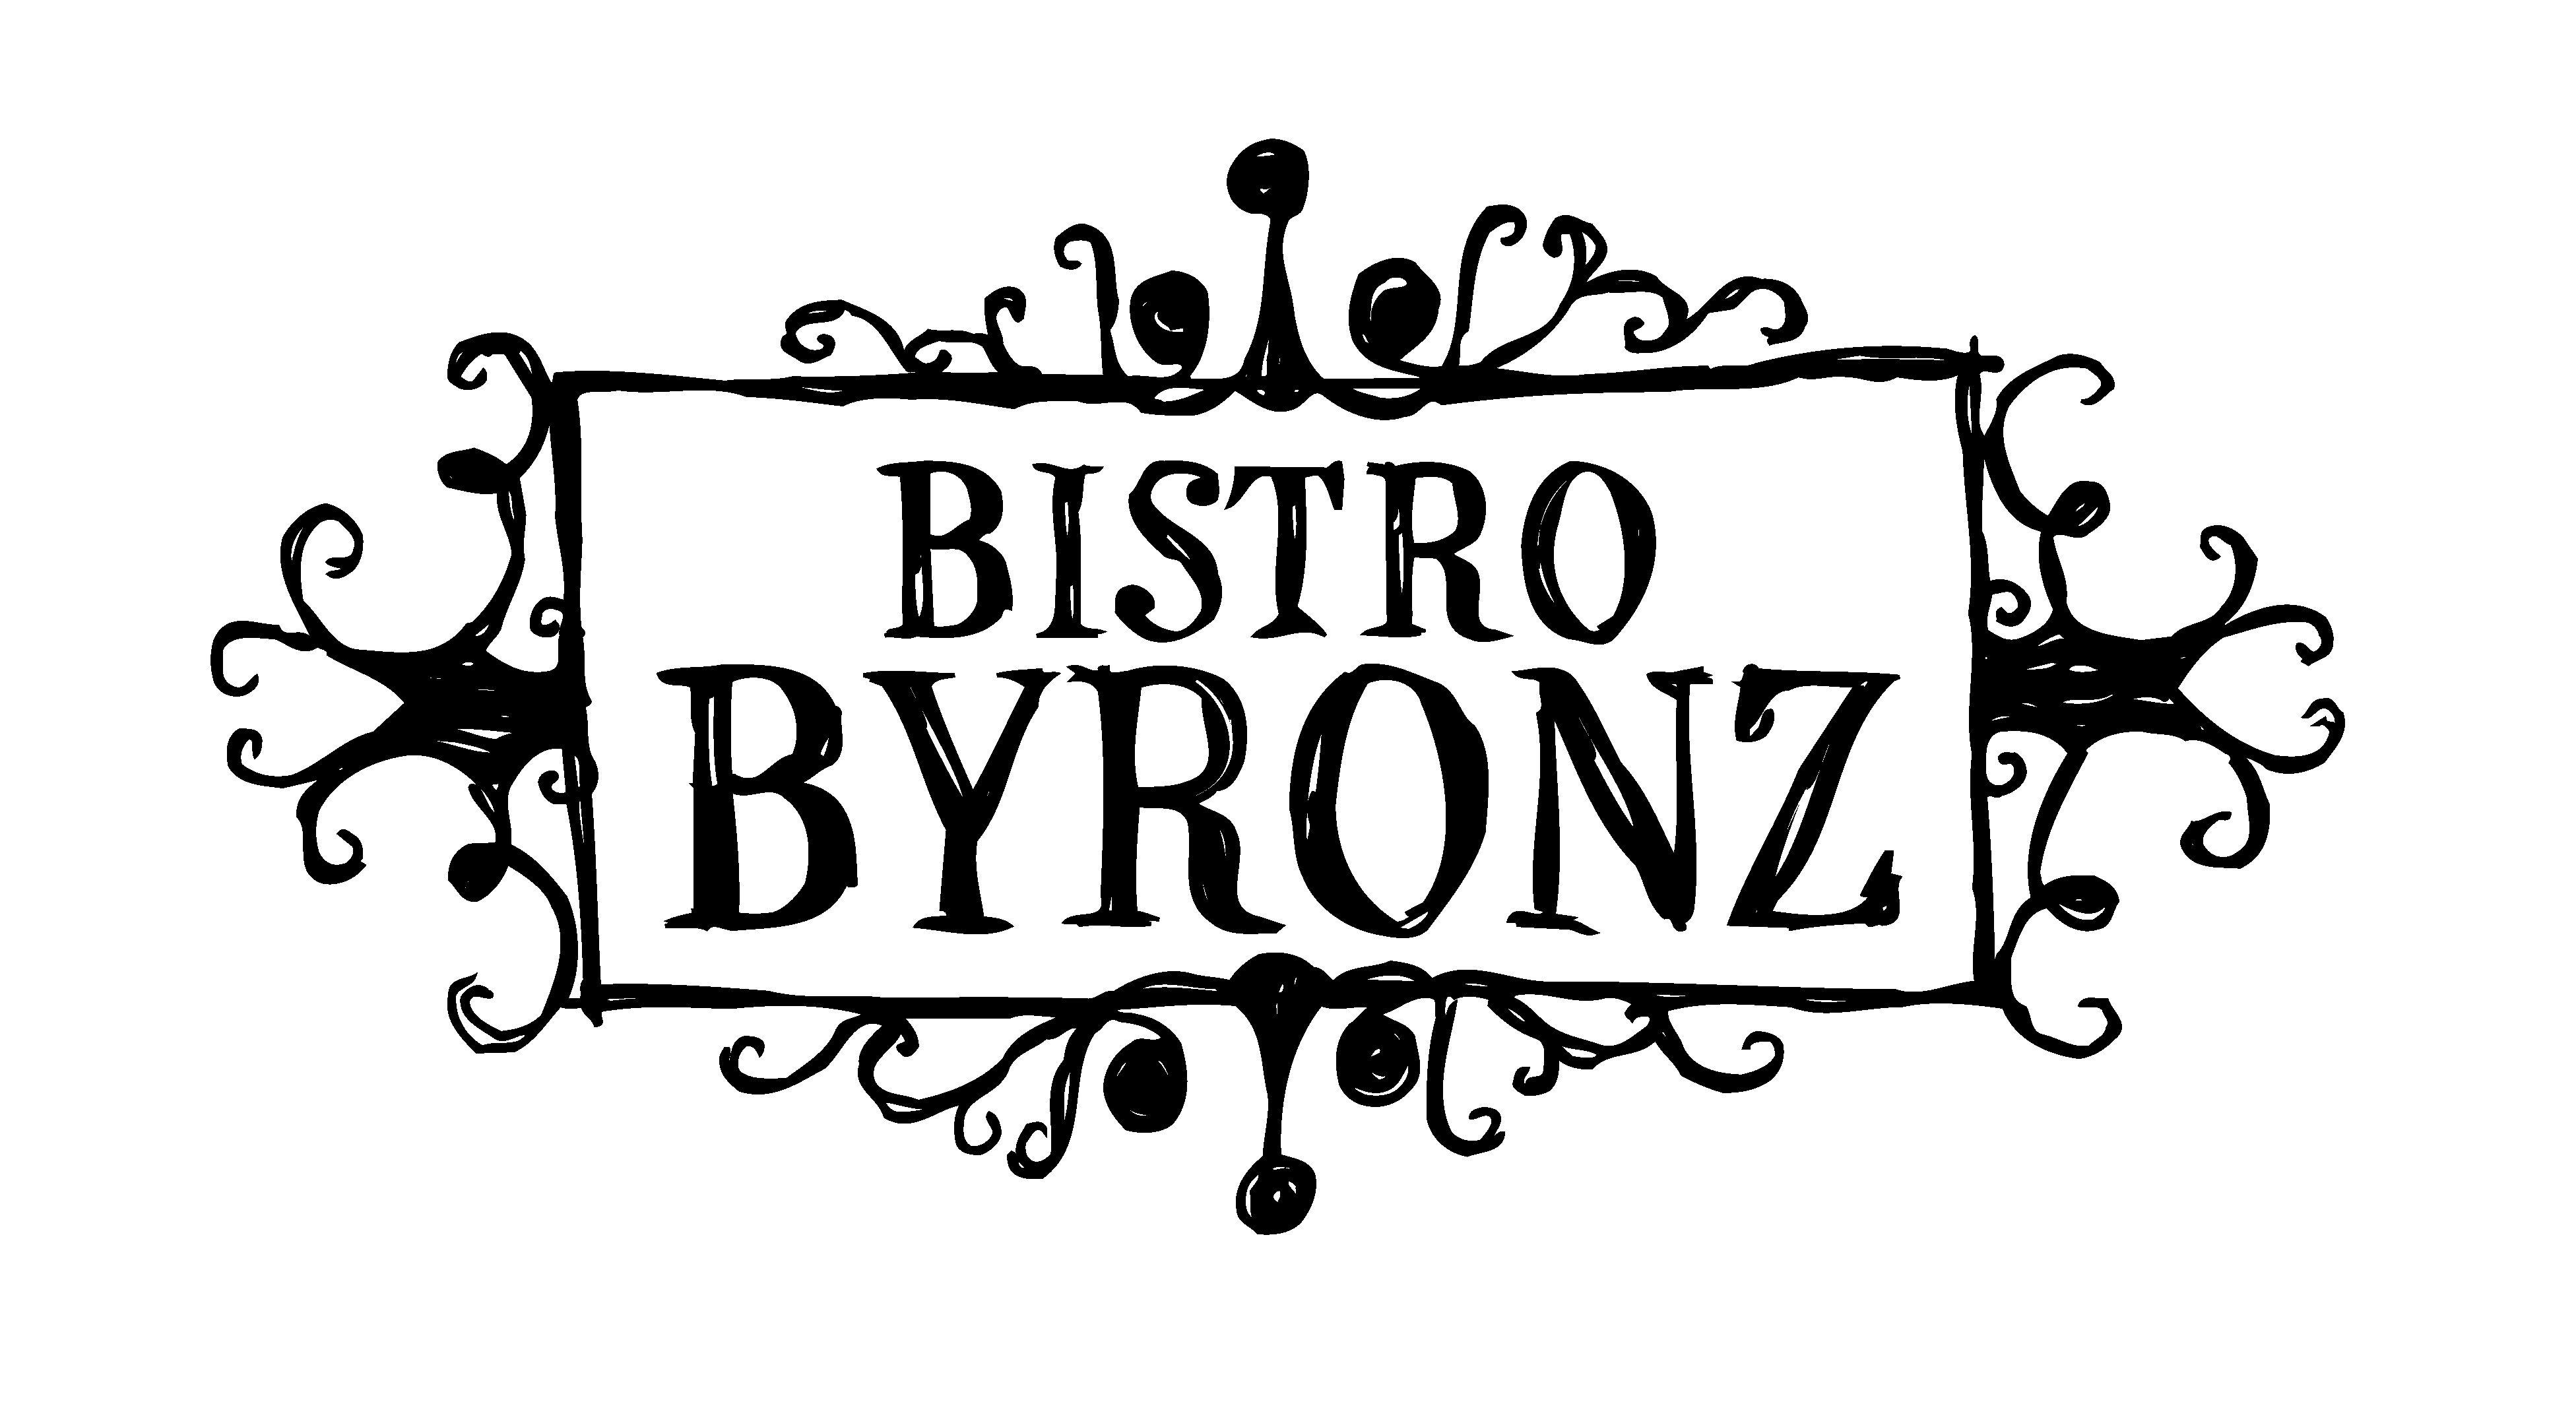 Bistro byronz is a participating restaurant httpwww